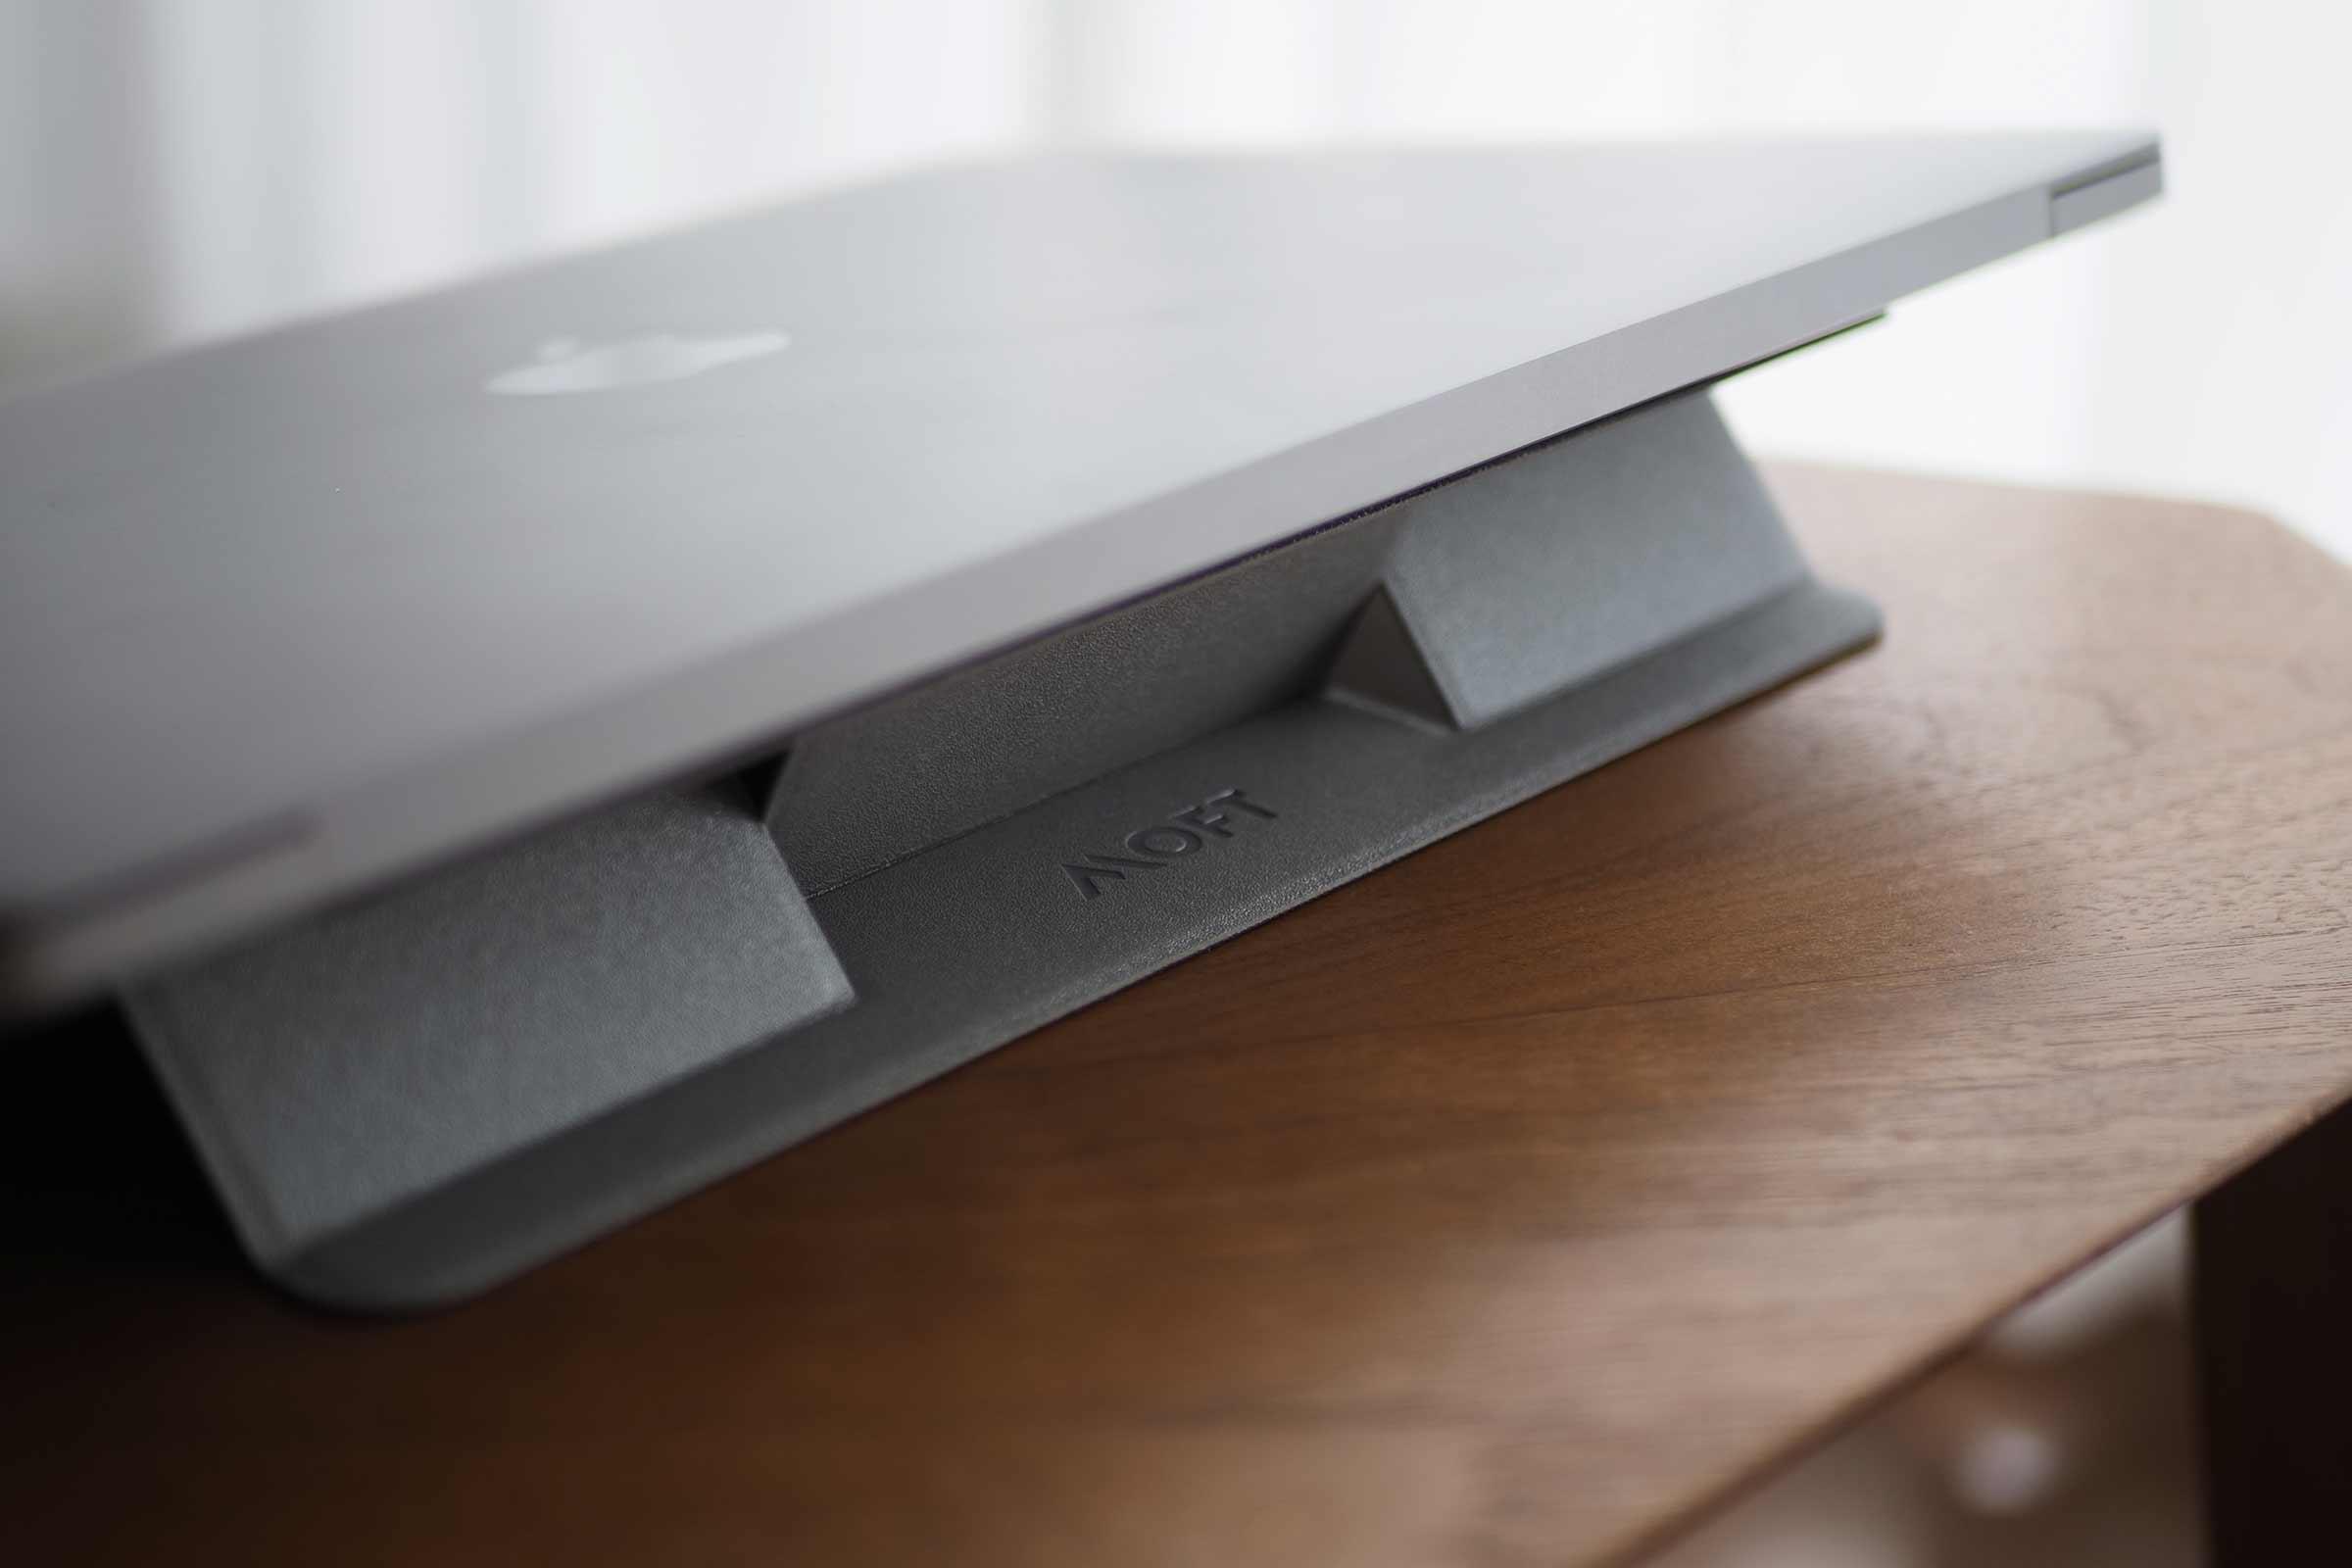 moft,MOFTmini,PCスタンド,パソコンスタンド,クラウドファンディング,薄い,安い,コスパ,角度